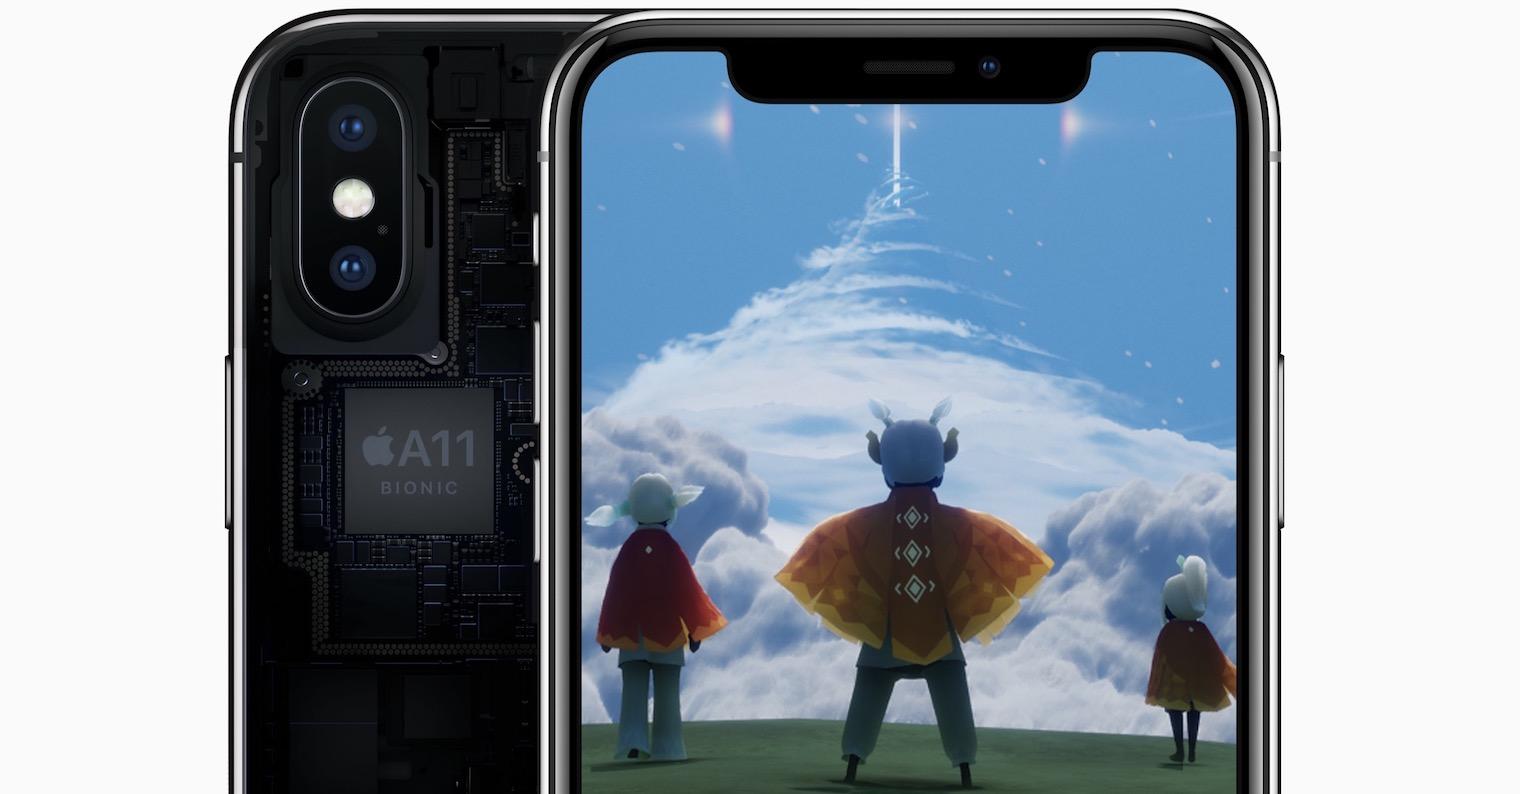 iPhone X A11 Bionic FB